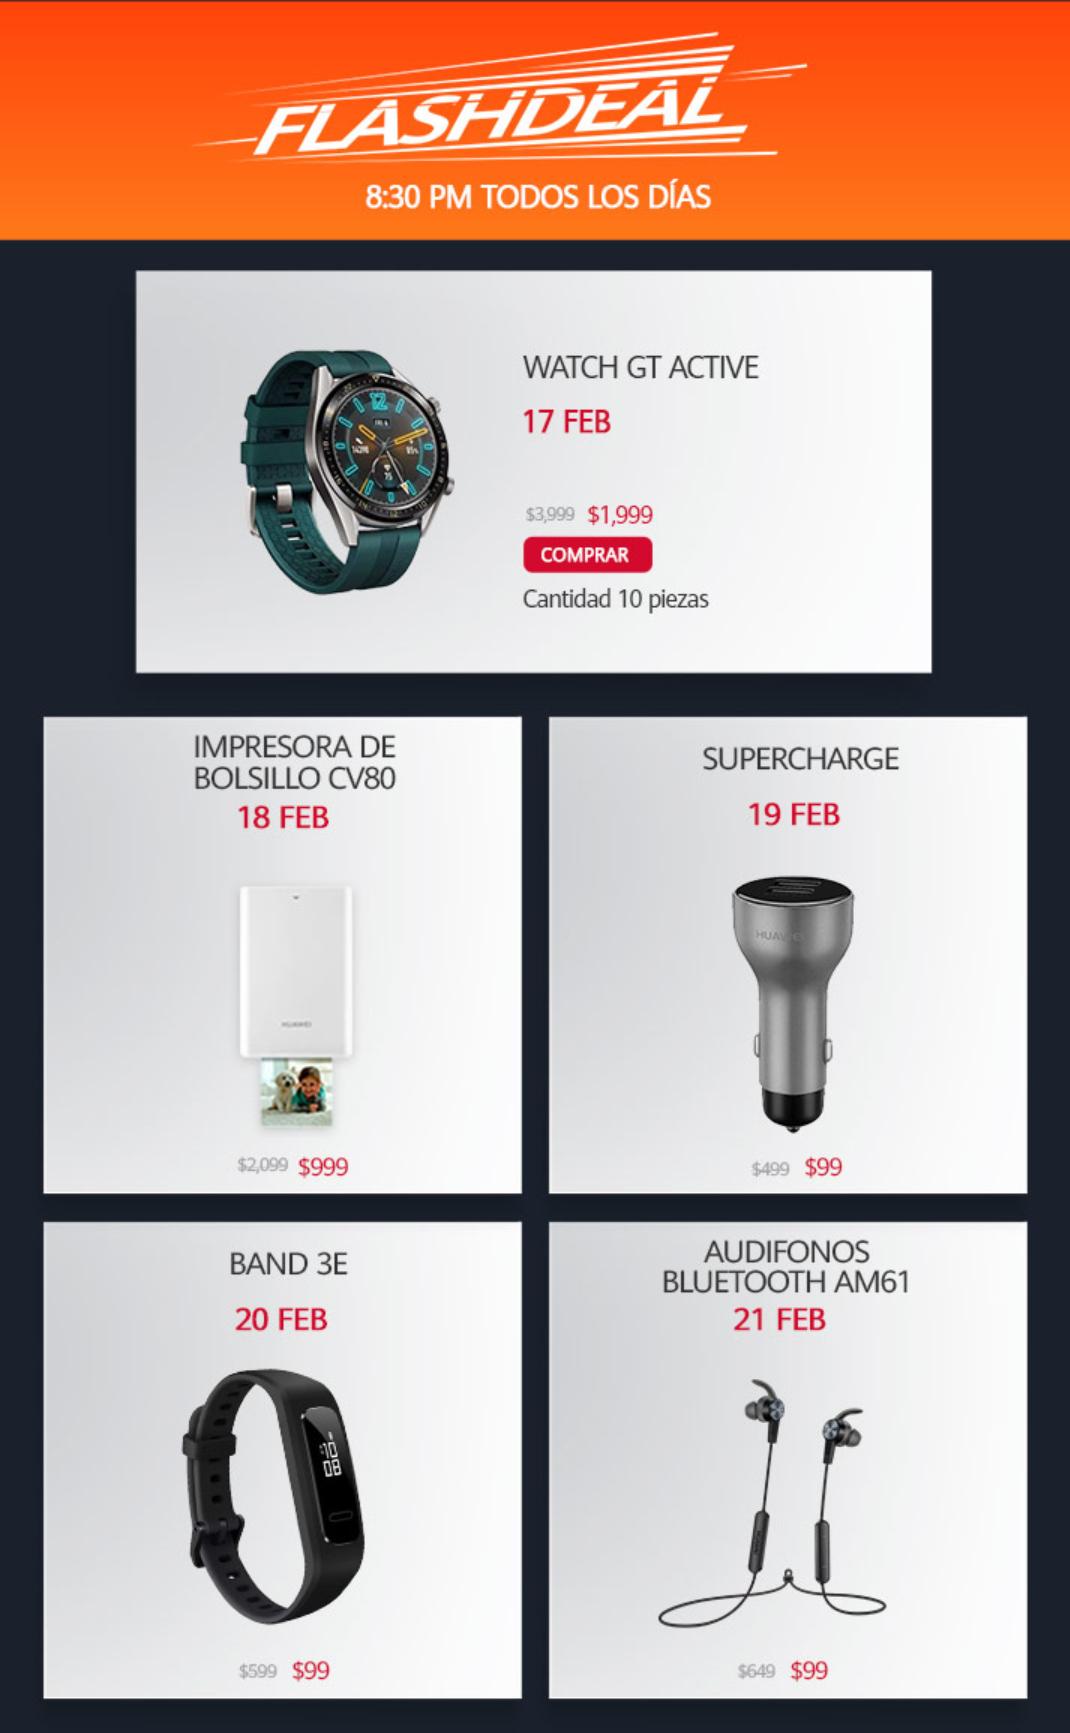 Flash Deal Huawei del 17 al 21